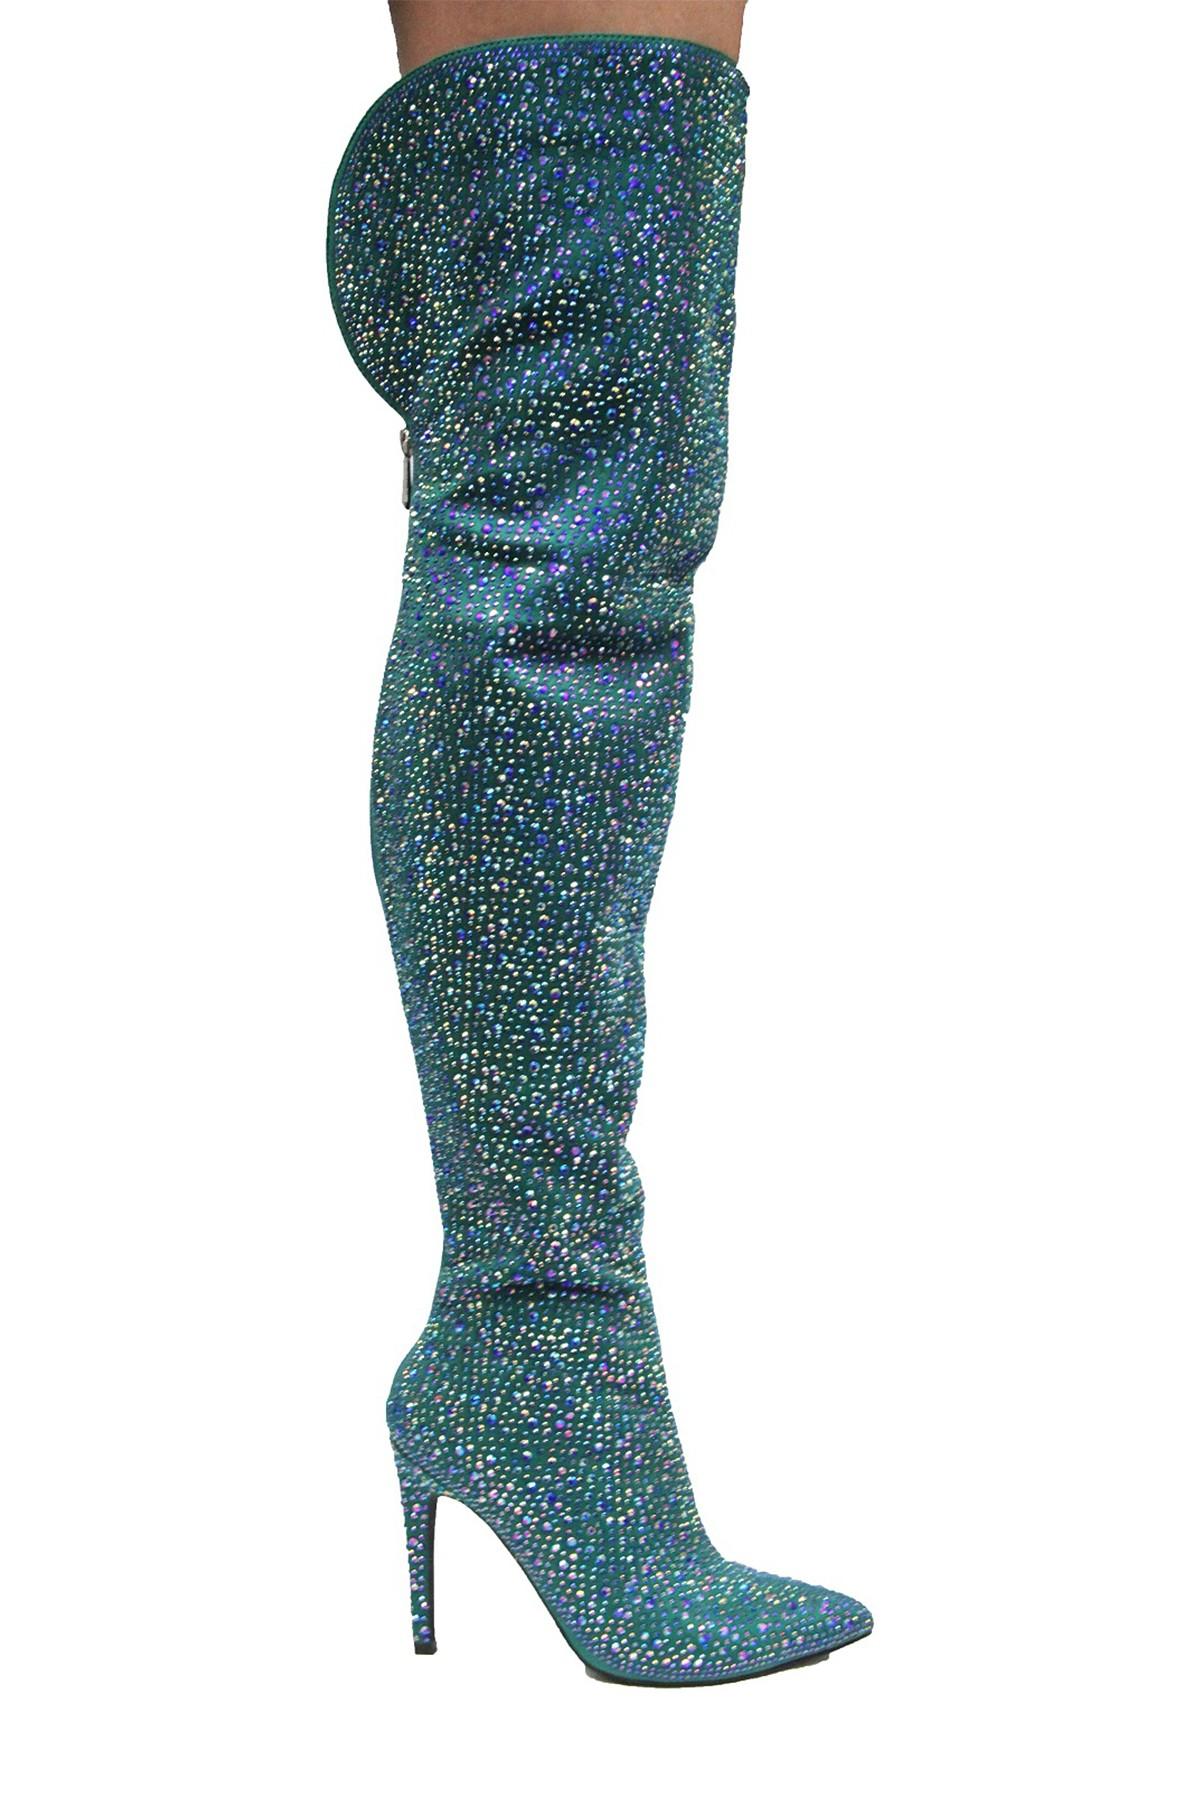 Cape Thigh Robbin Mini Mermaid Blue All Around Crystals Thigh Cape High Stiletto Tall Boot dc8934